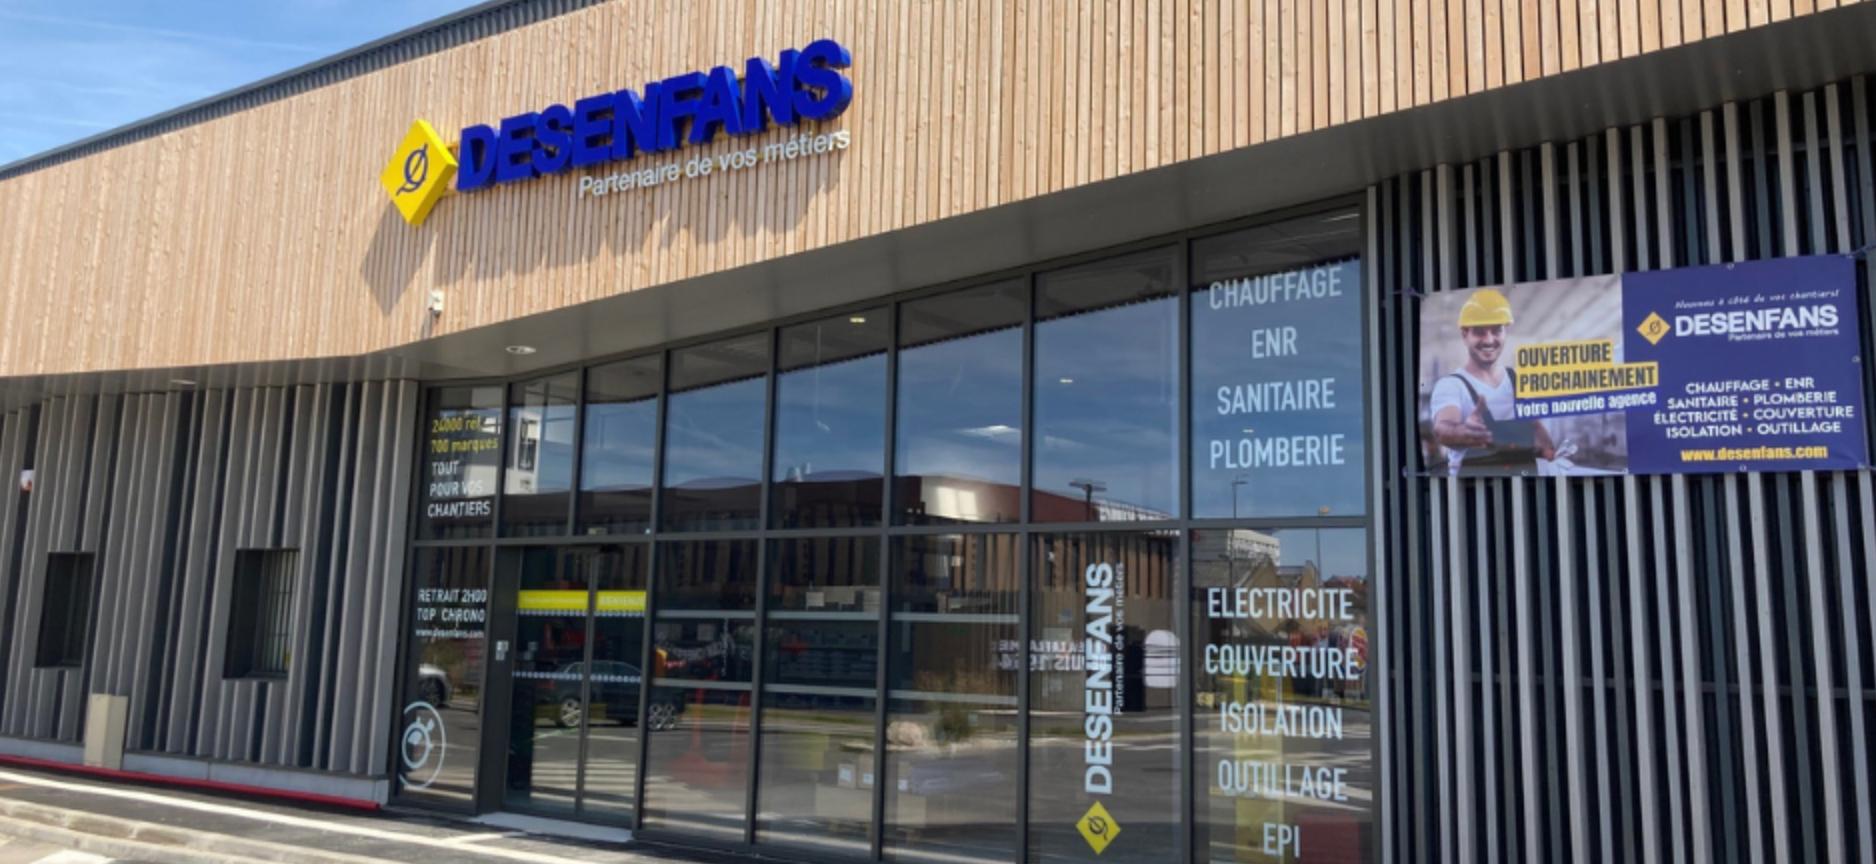 Façade magasin Desenfans